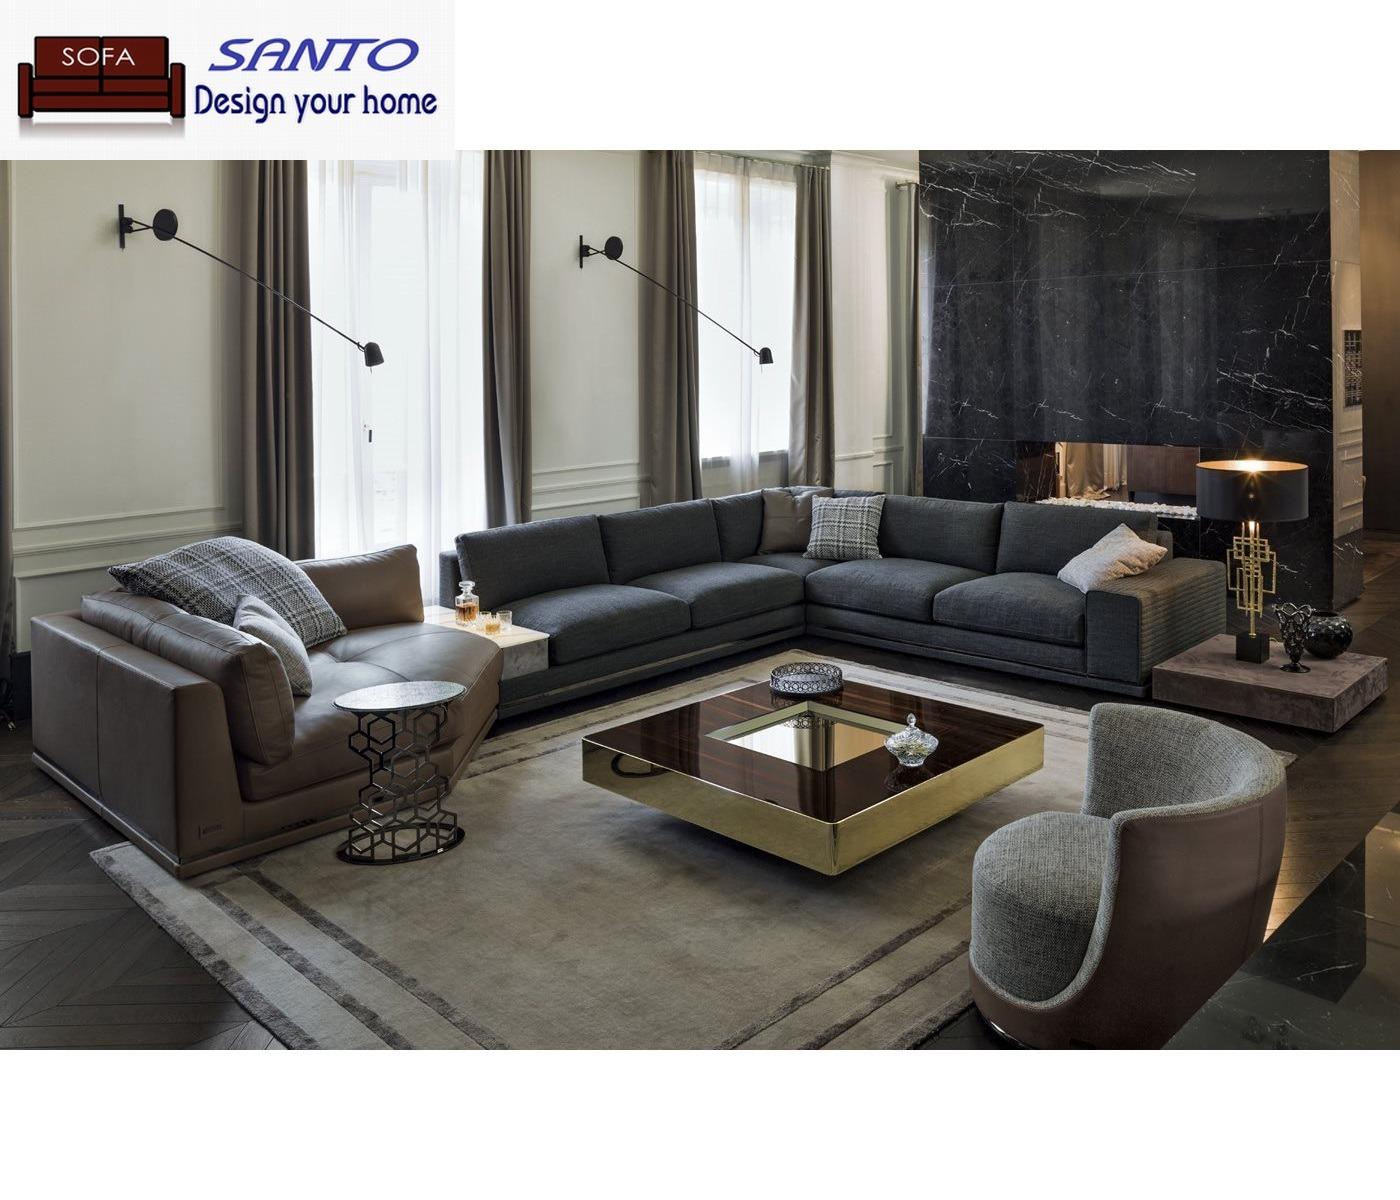 Corner Sofa Design 10 Seater Set